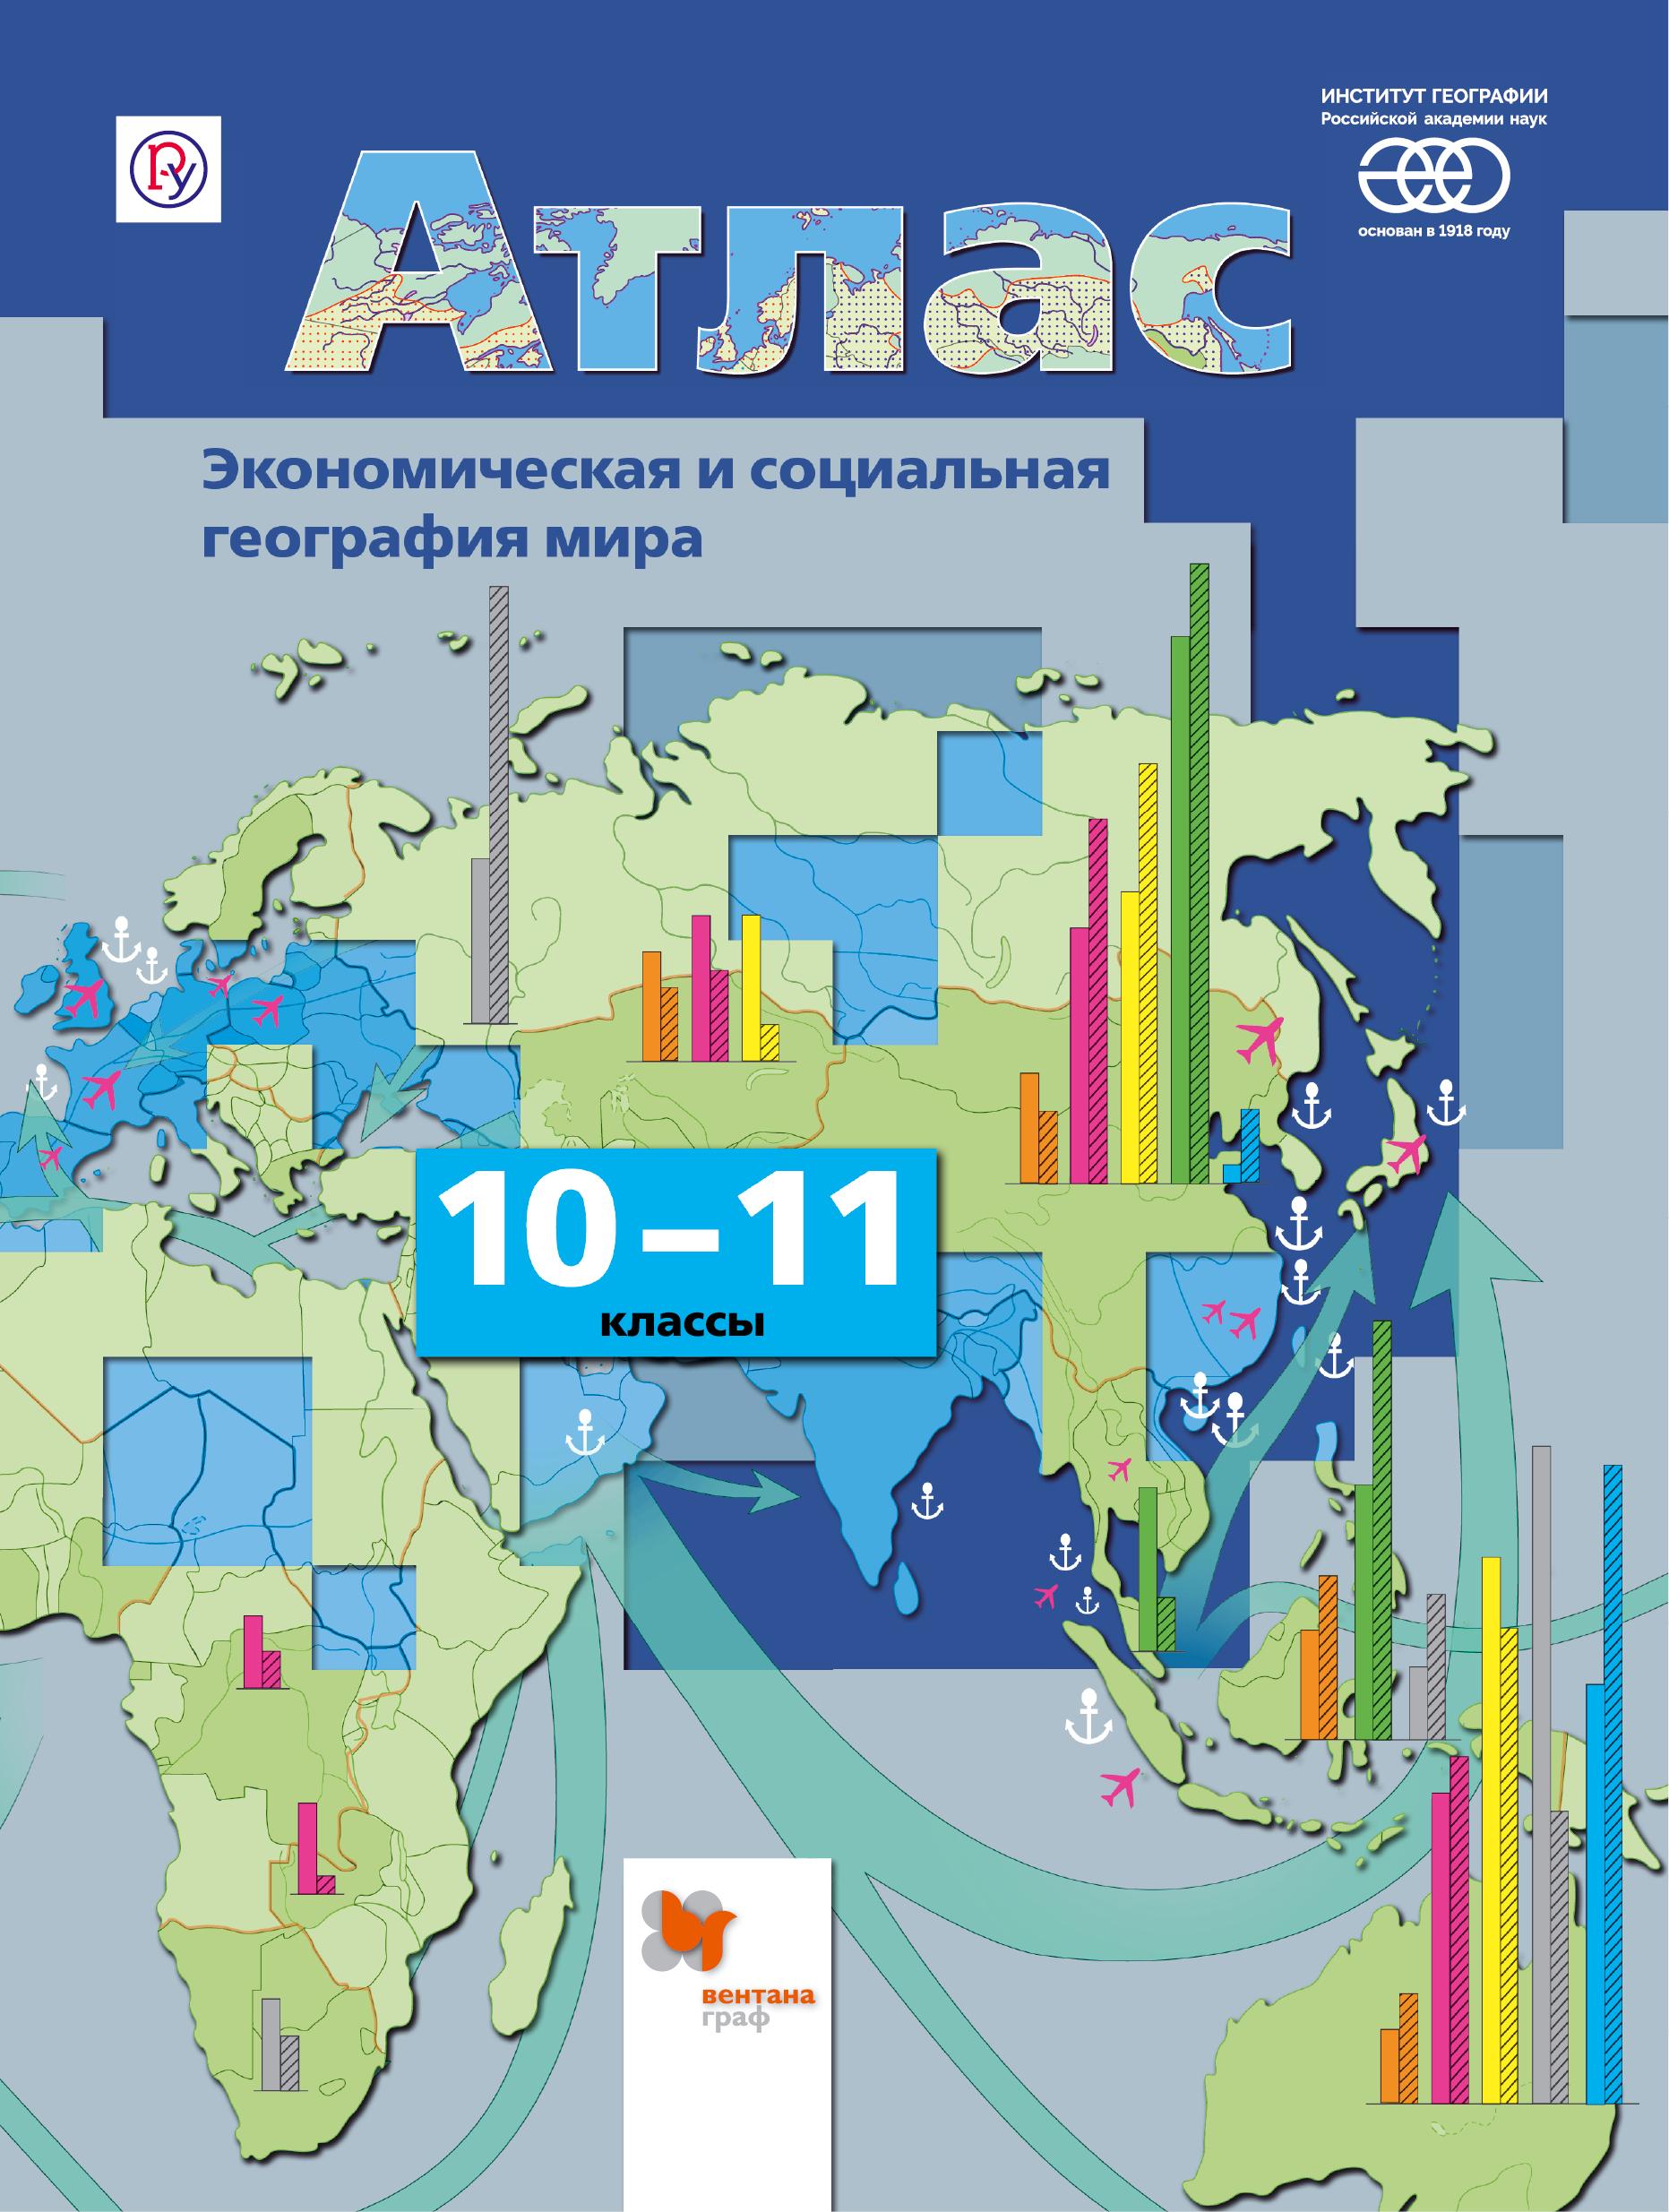 БахчиеваО.А. Экономическая и социальная география мира. 10-11классы. Атлас экономическая и социальная география мира 10 класс атлас фгос